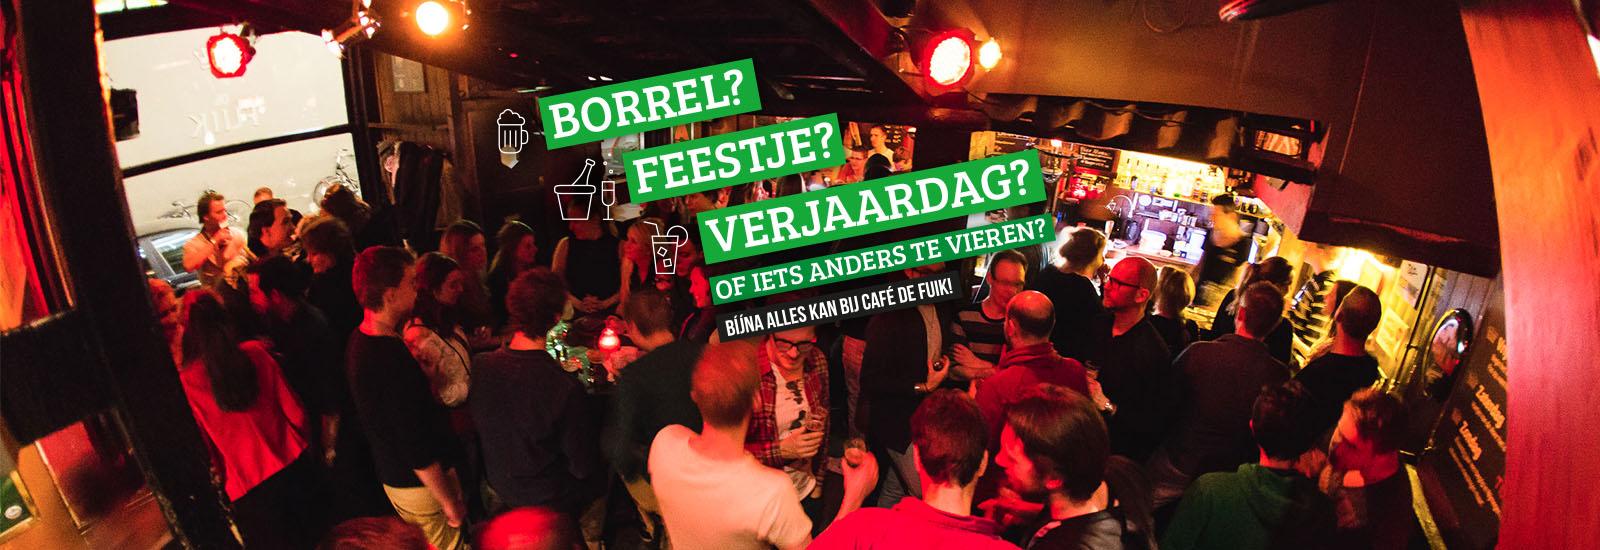 banner_feestje